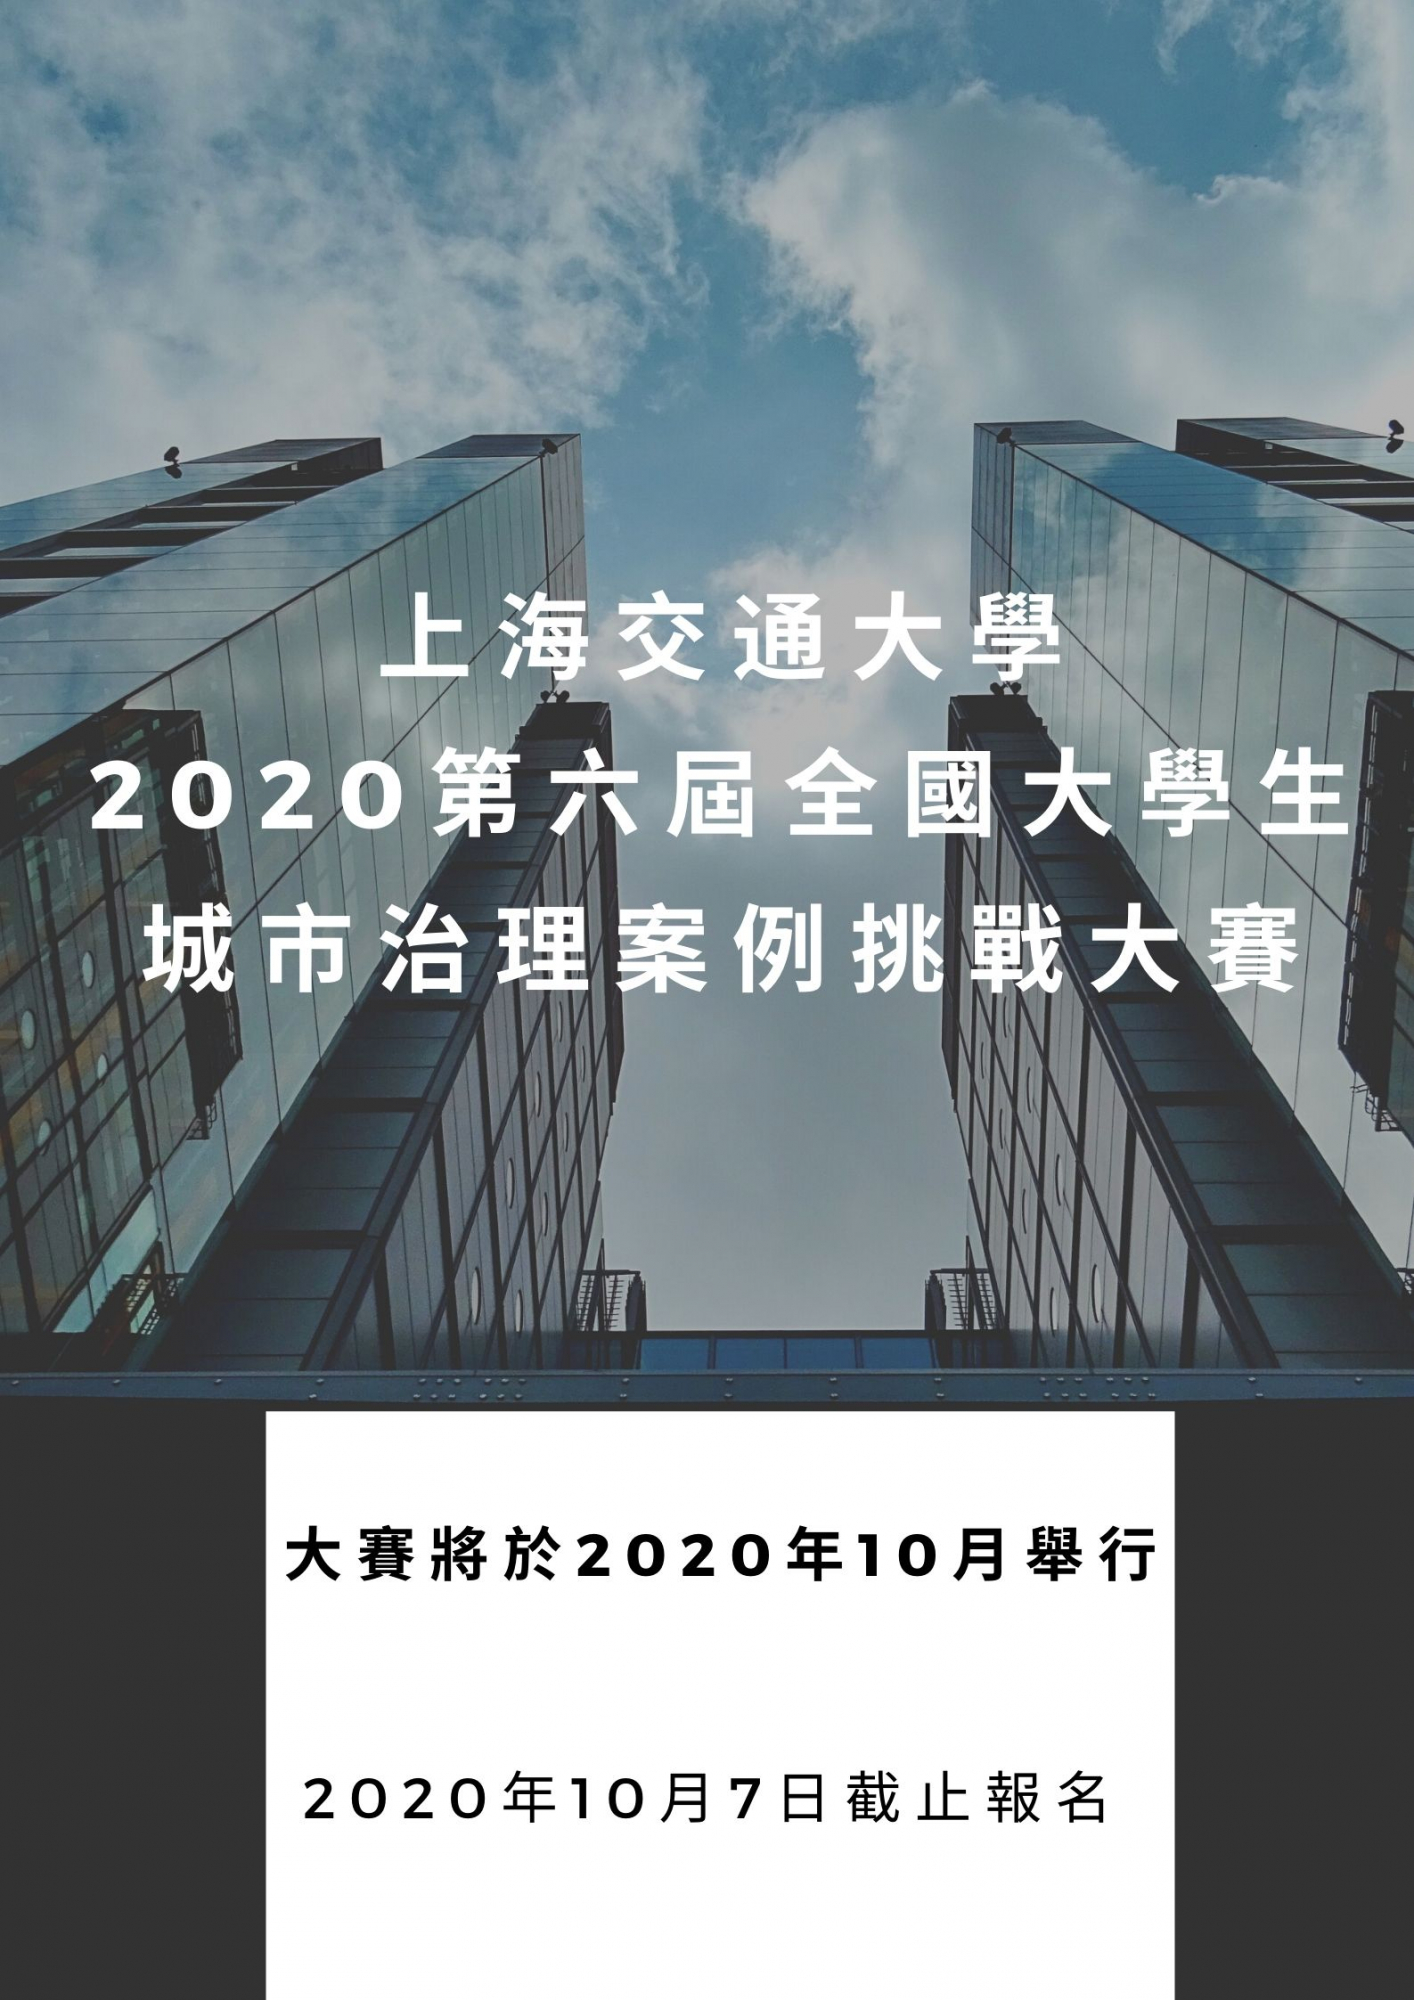 上海交通大學「2020第六屆全國大學生城市治理案例挑戰大賽」